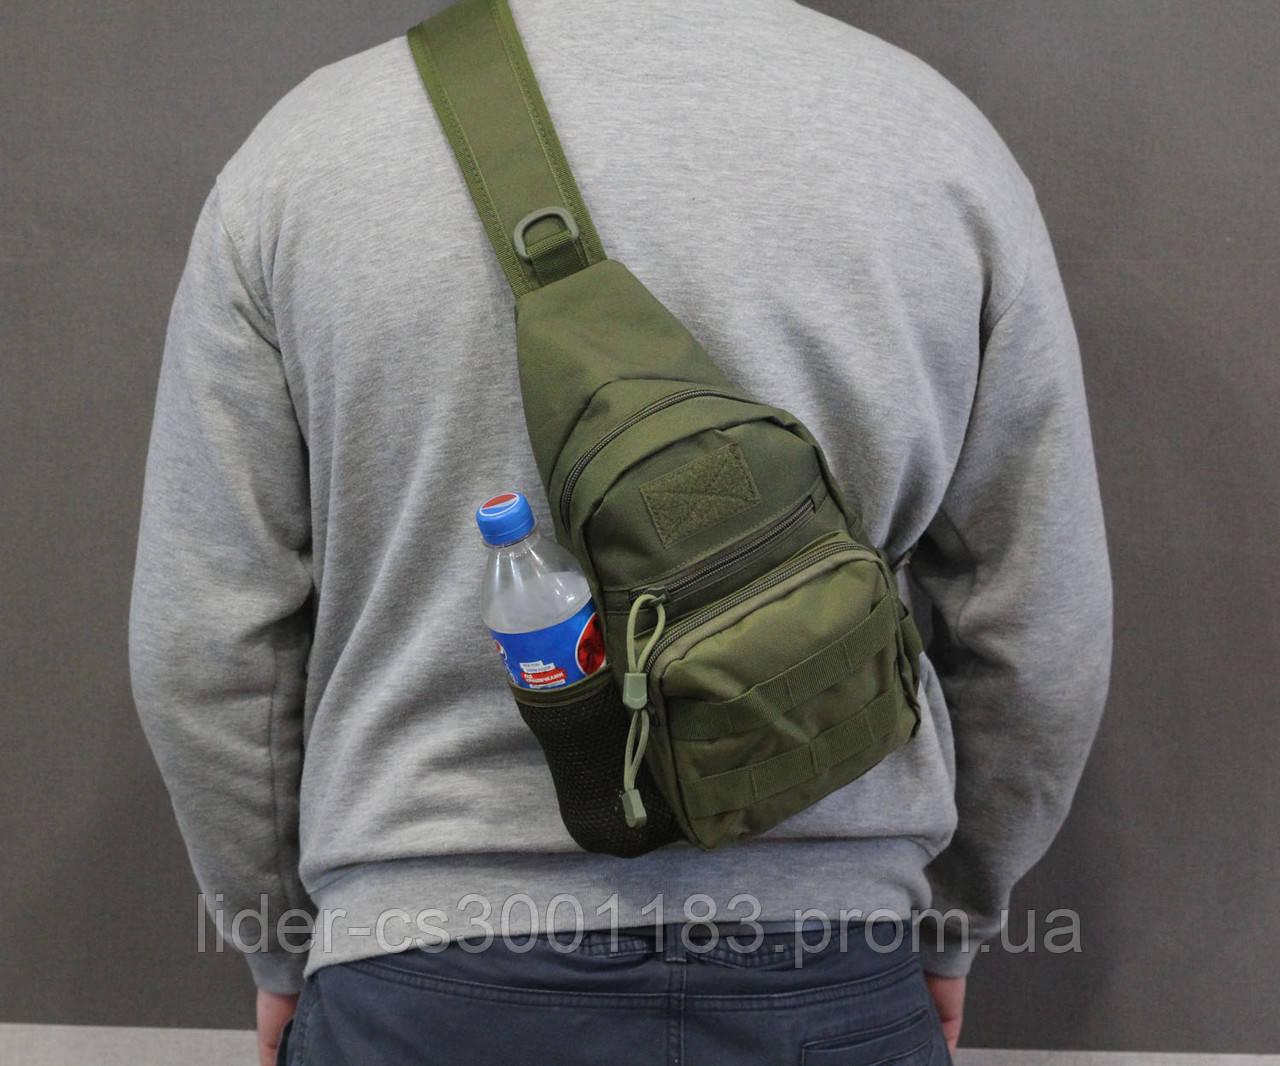 Тактическая, штурмовая, военная, универсальная, городская сумка на 5-6 литров с системой M.O.L.L.E  s4 (олива)